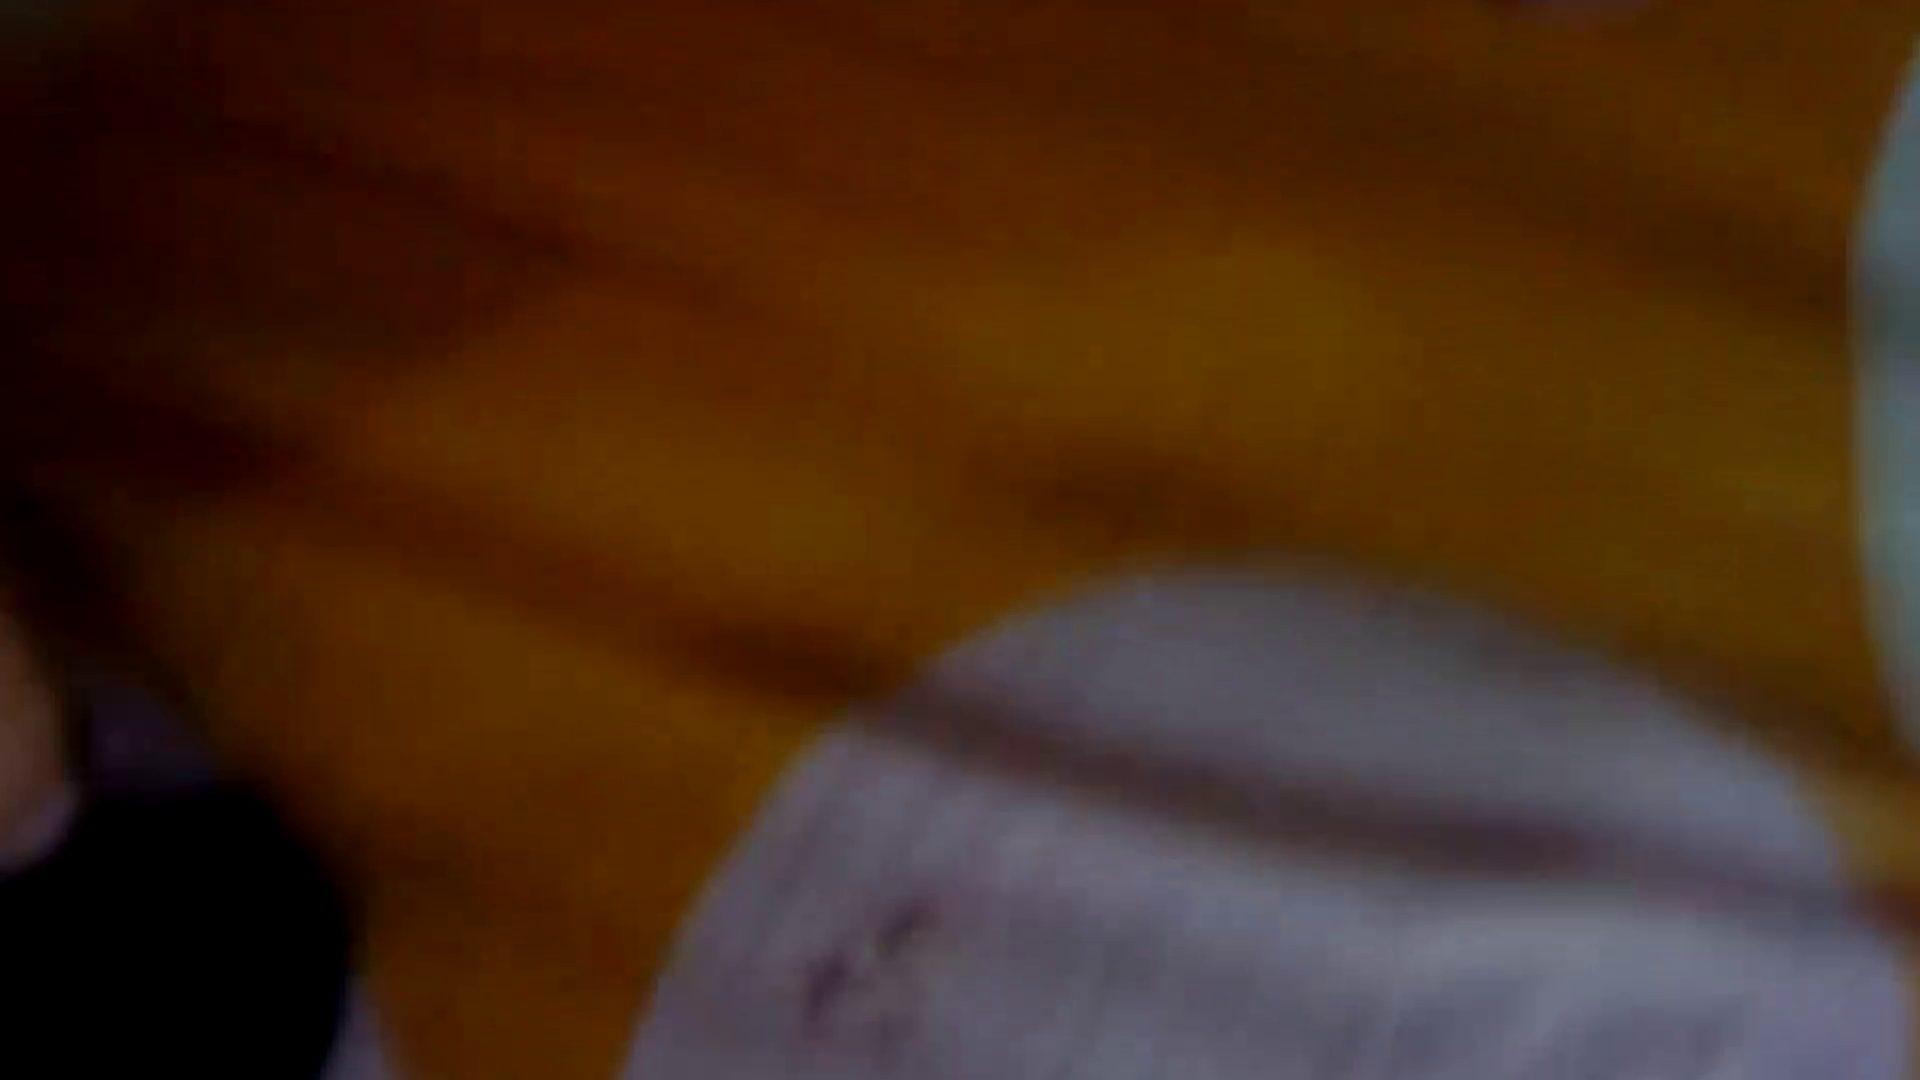 魅せろ!エロチャット!Vol.01 後編 エロ | ゲイのオナニー映像  77枚 23